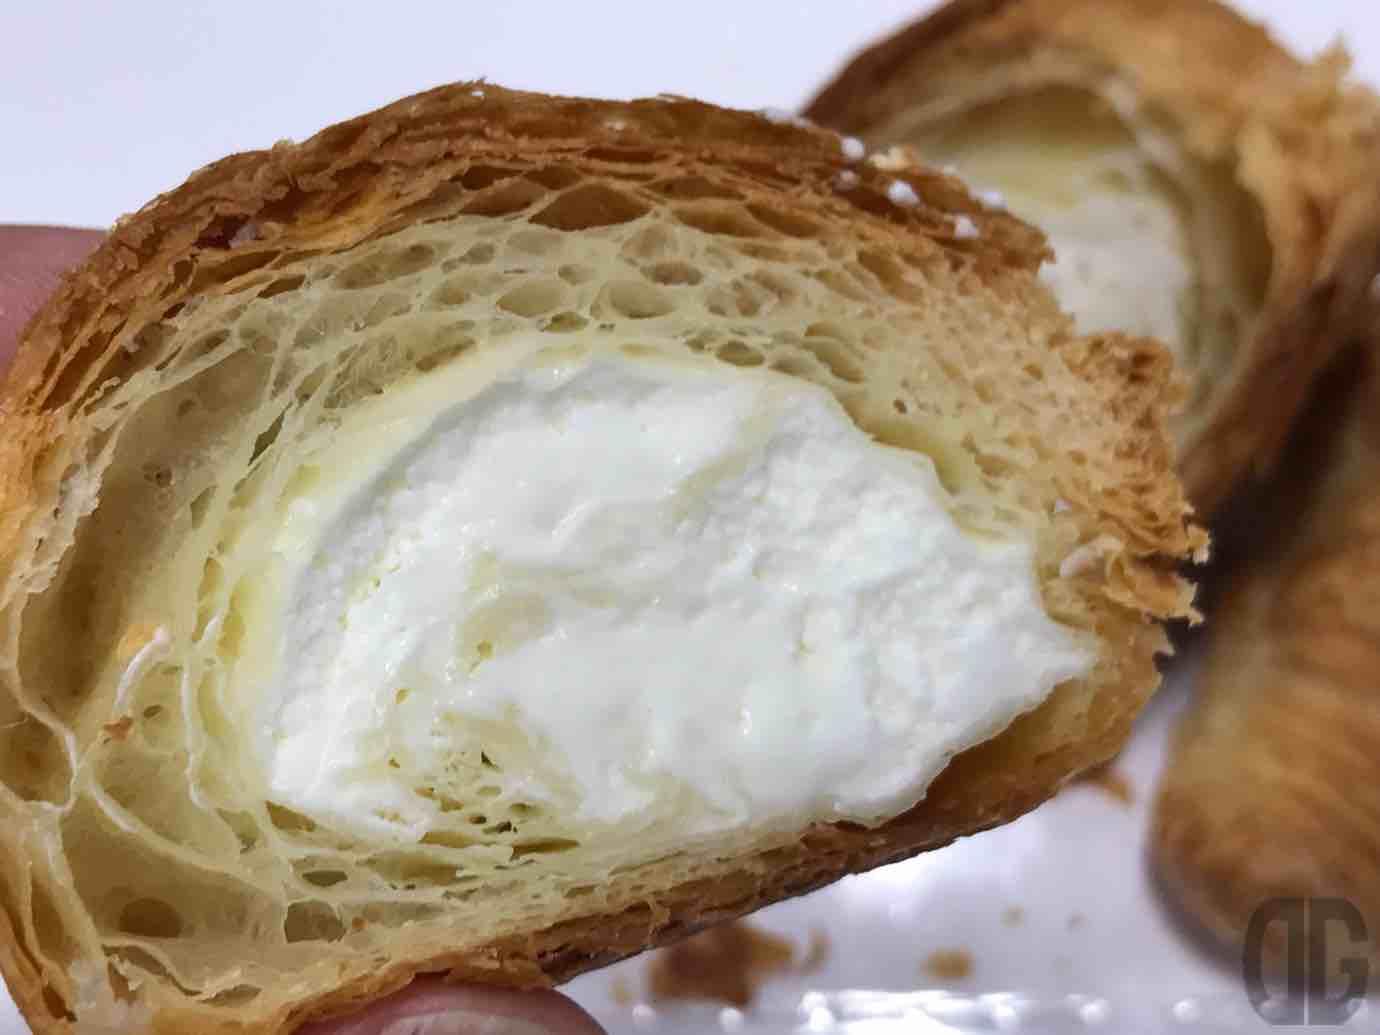 ローソン限定?ヤマザキのミニクロワッサン レアチーズクリームを今さらながらに食べてホッコリ♪